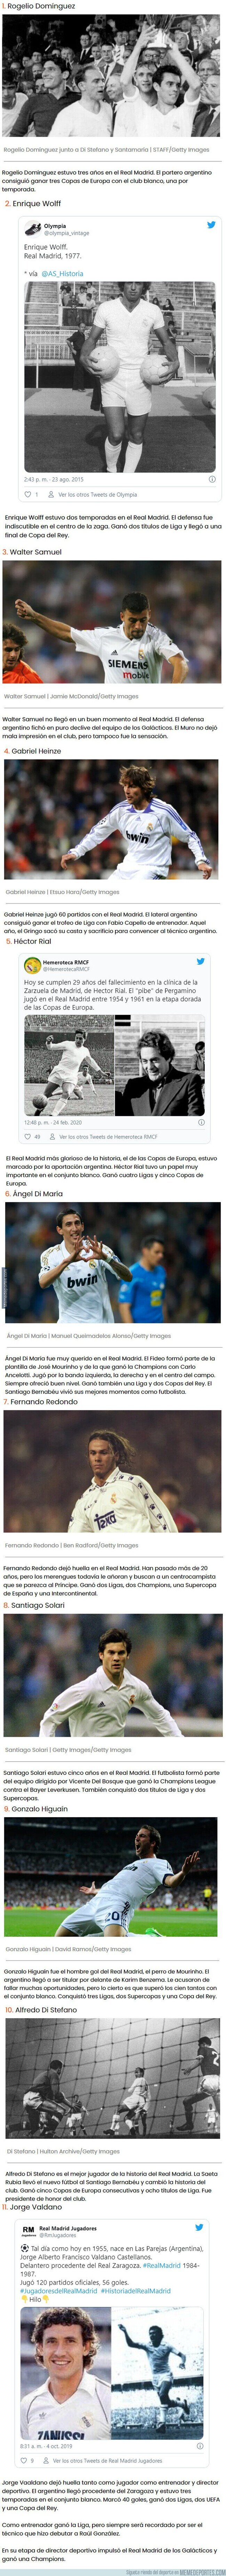 1126335 - Este es el equipo ideal de argentinos en la historia del Real Madrid